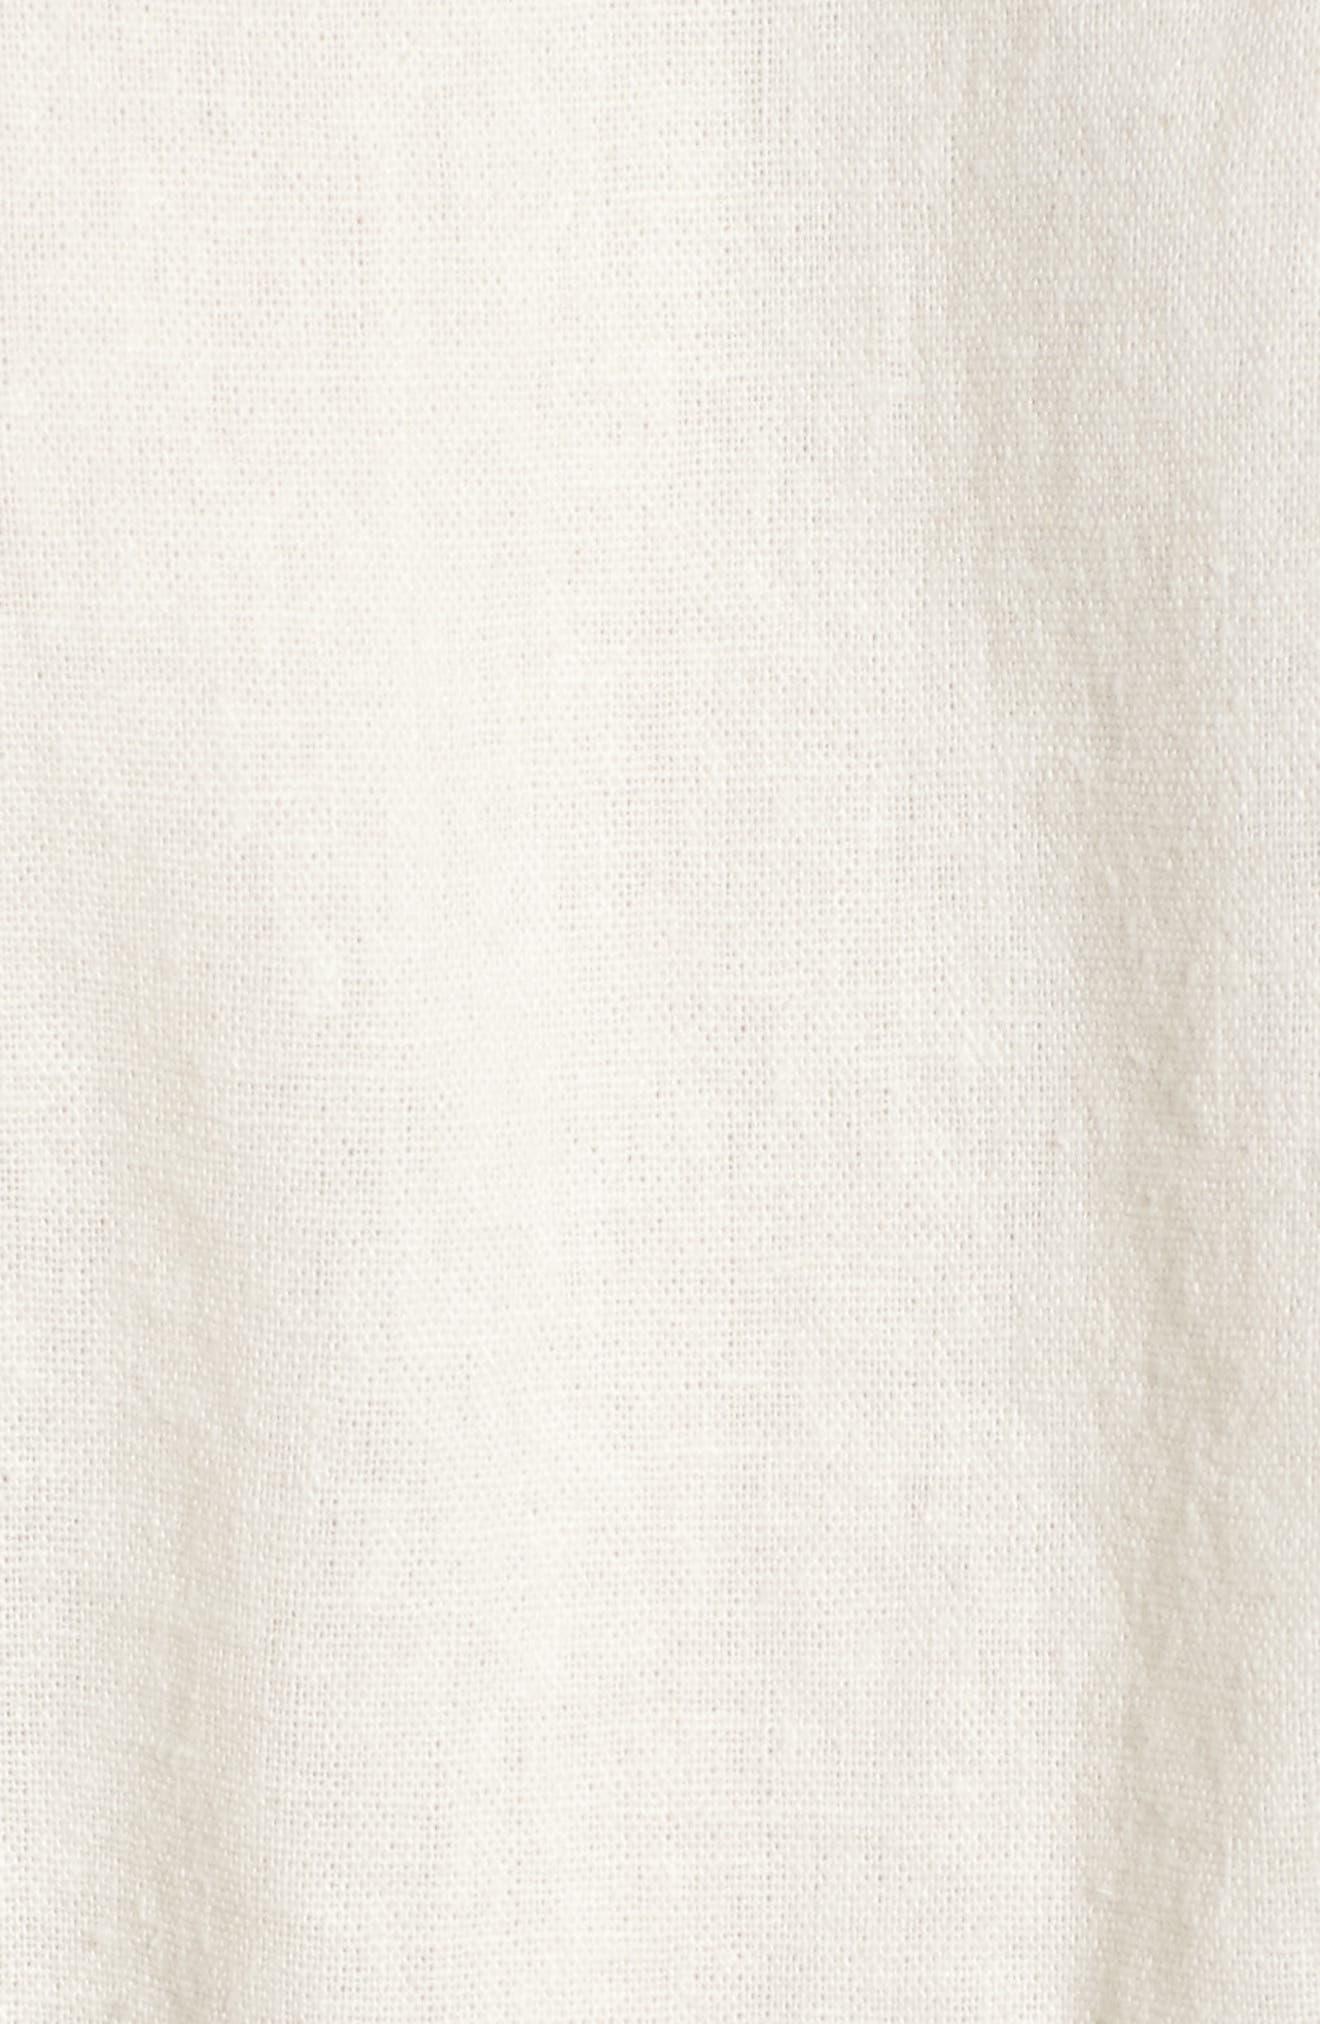 Tie Front Linen Blend Tank Top,                             Alternate thumbnail 15, color,